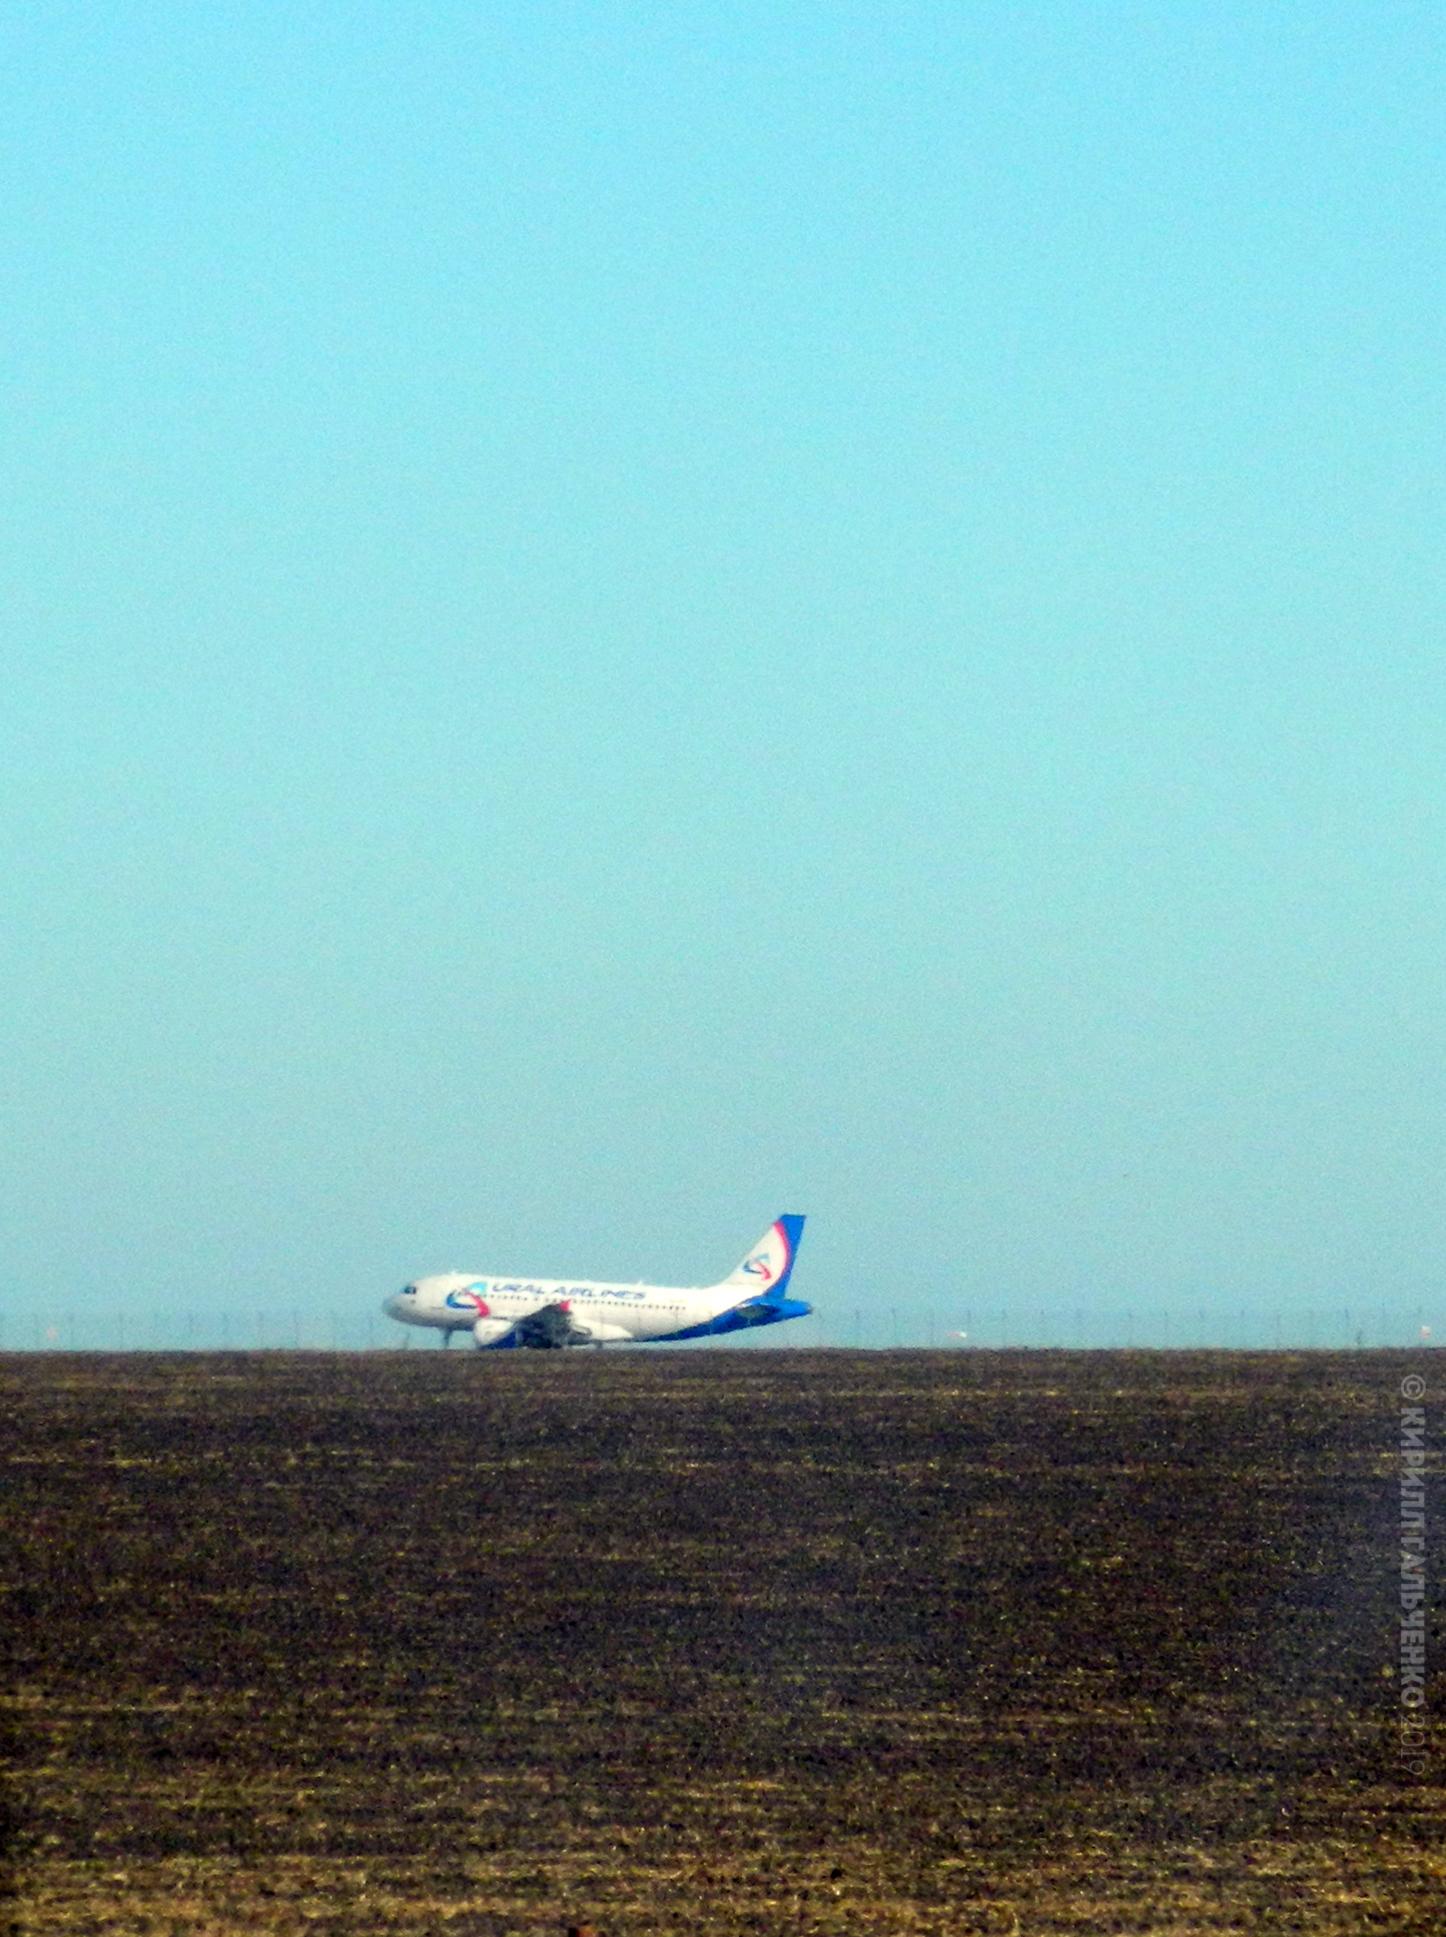 А318 Уральских Авиалиний взлетает из Сарафово, Болгария.